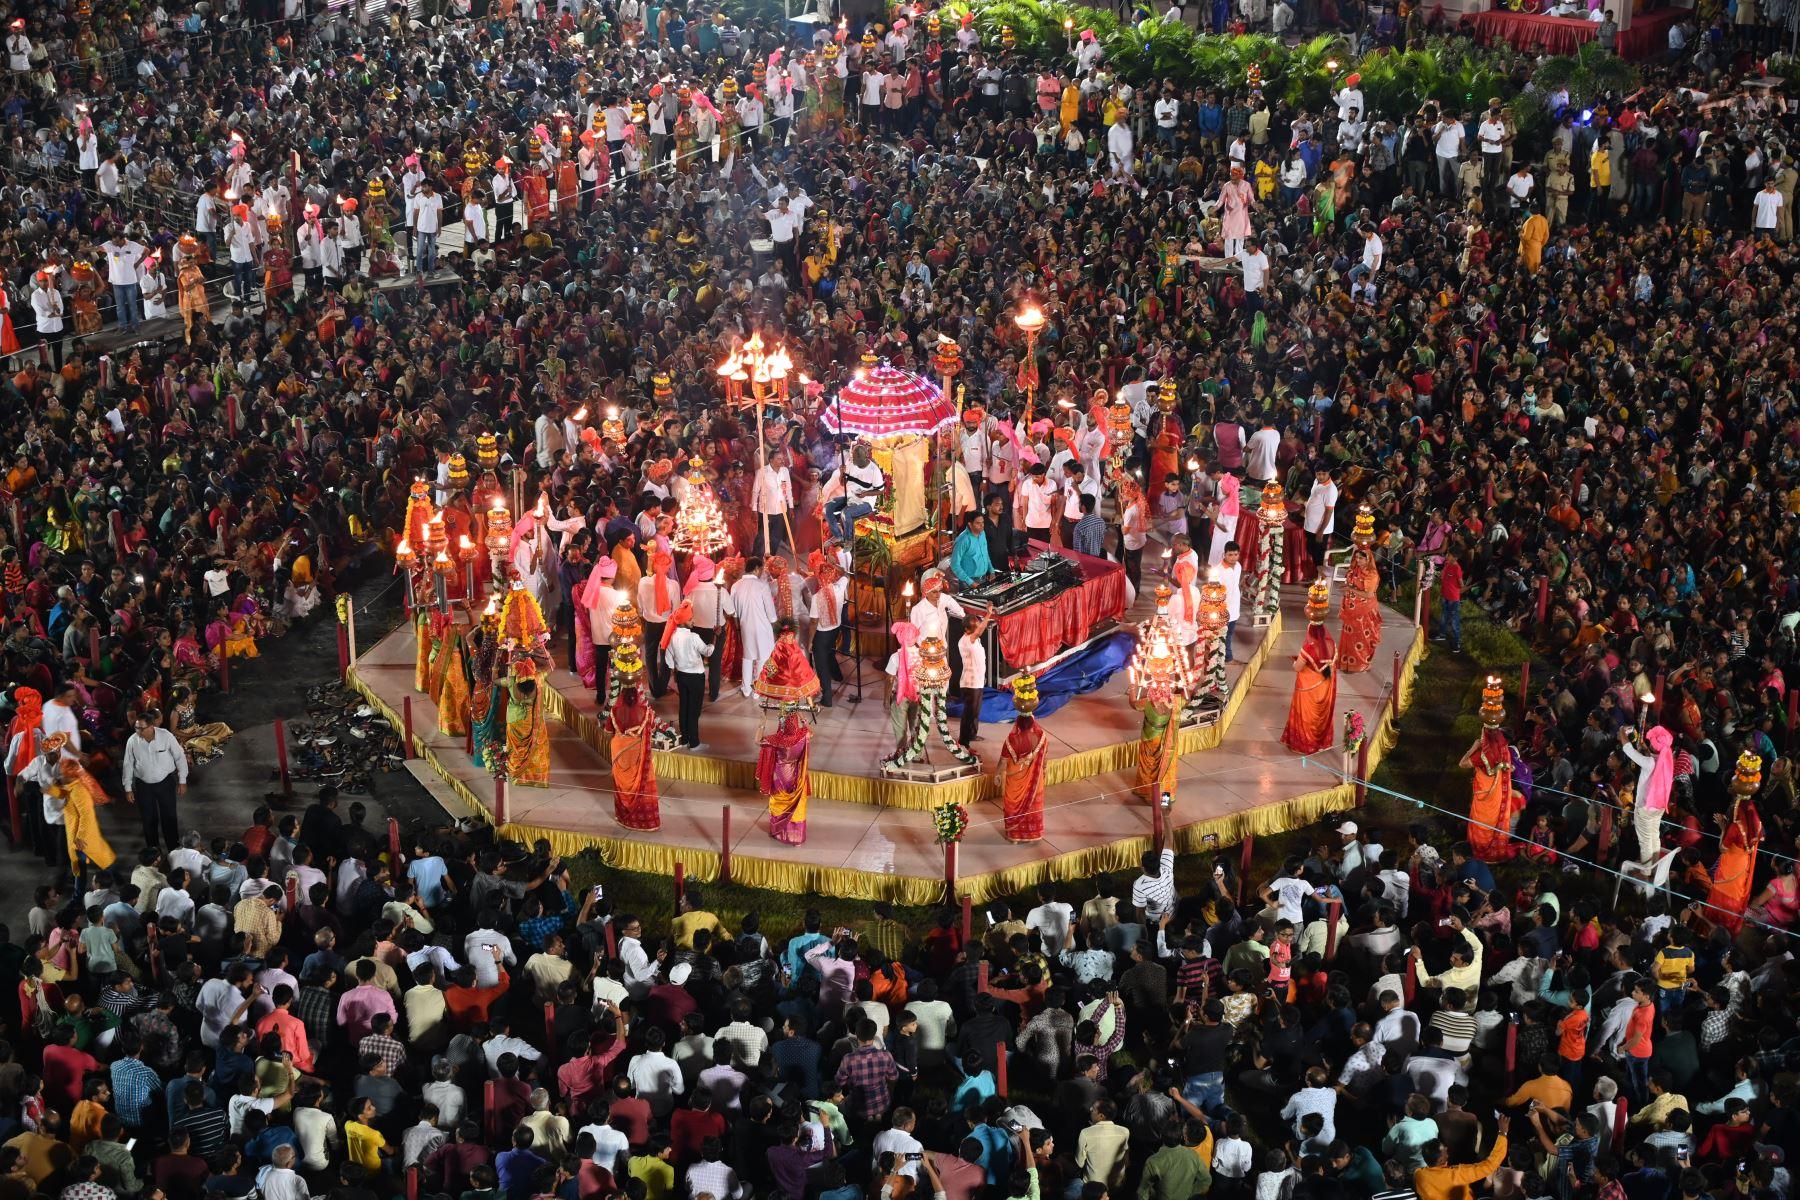 Miles de devotos hindúes se reúnen mientras participan en un Maha Aarti (un ritual hindú) cerca del templo de Umiyadham en la India. Foto: AFP